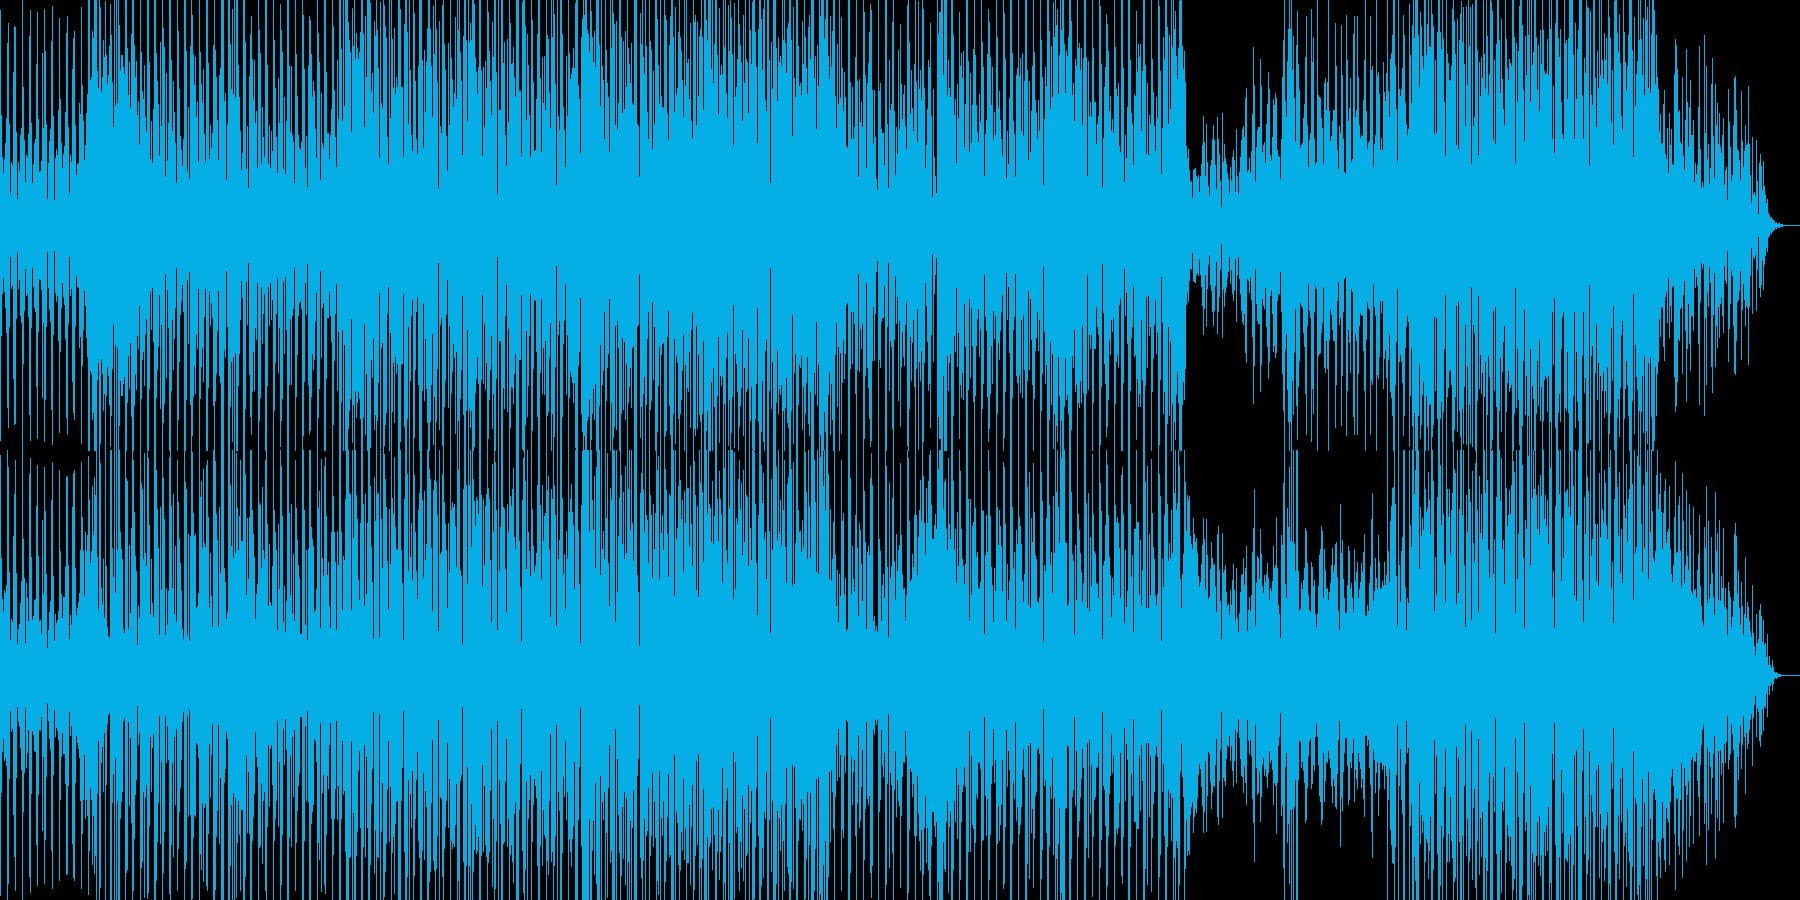 おしゃれで不思議な感じのBGMの再生済みの波形